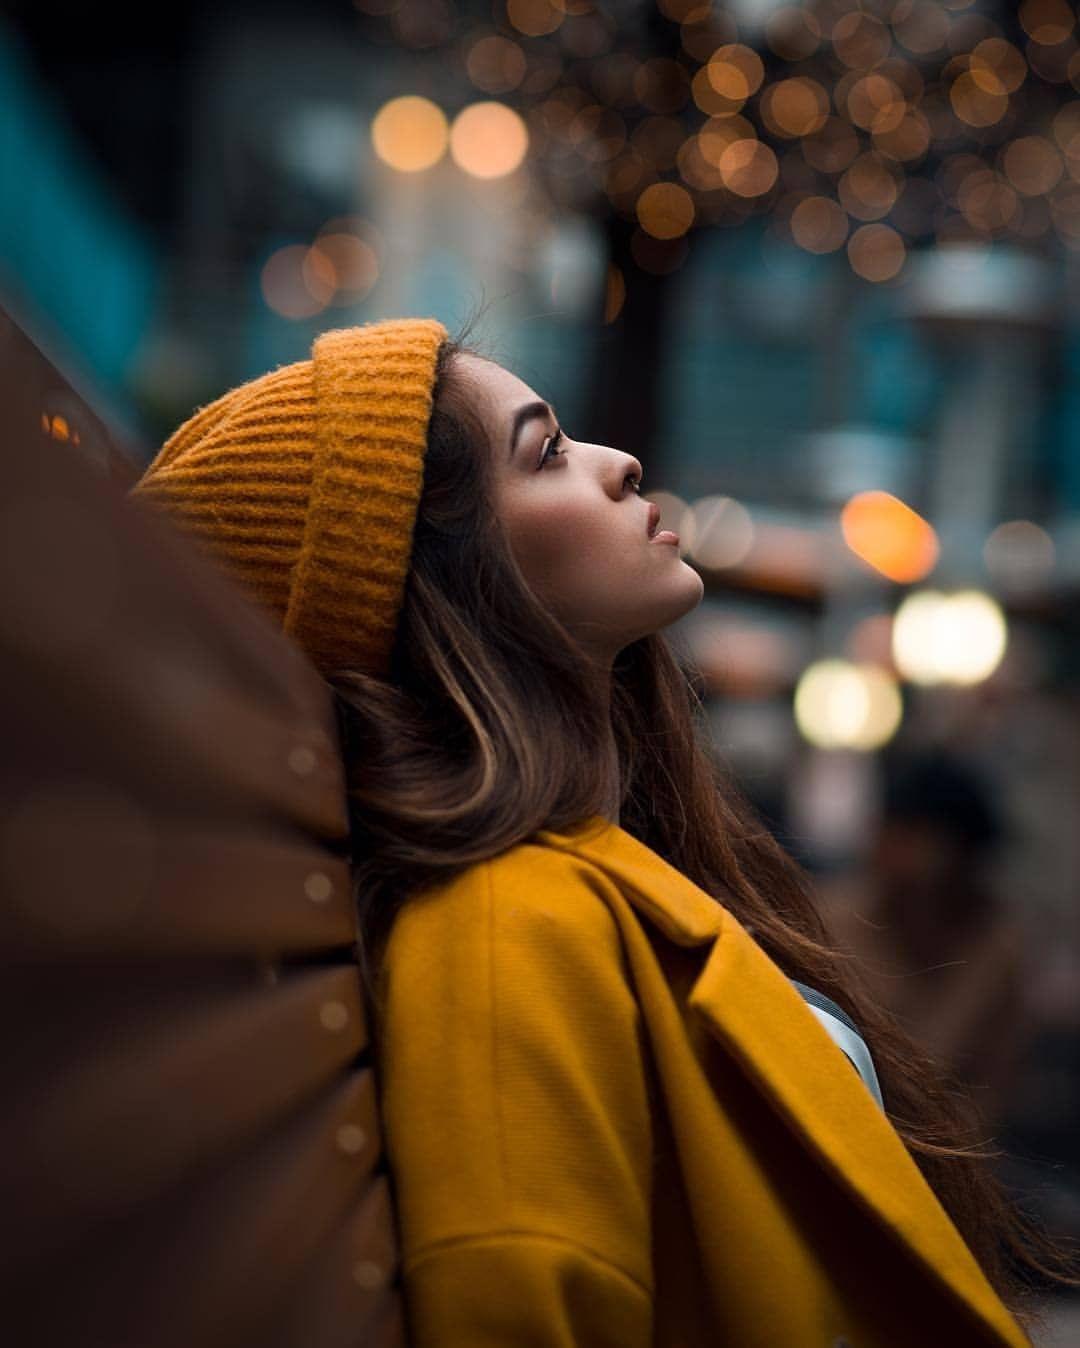 Красивые фотосессии на улице для девушек   фото (26)